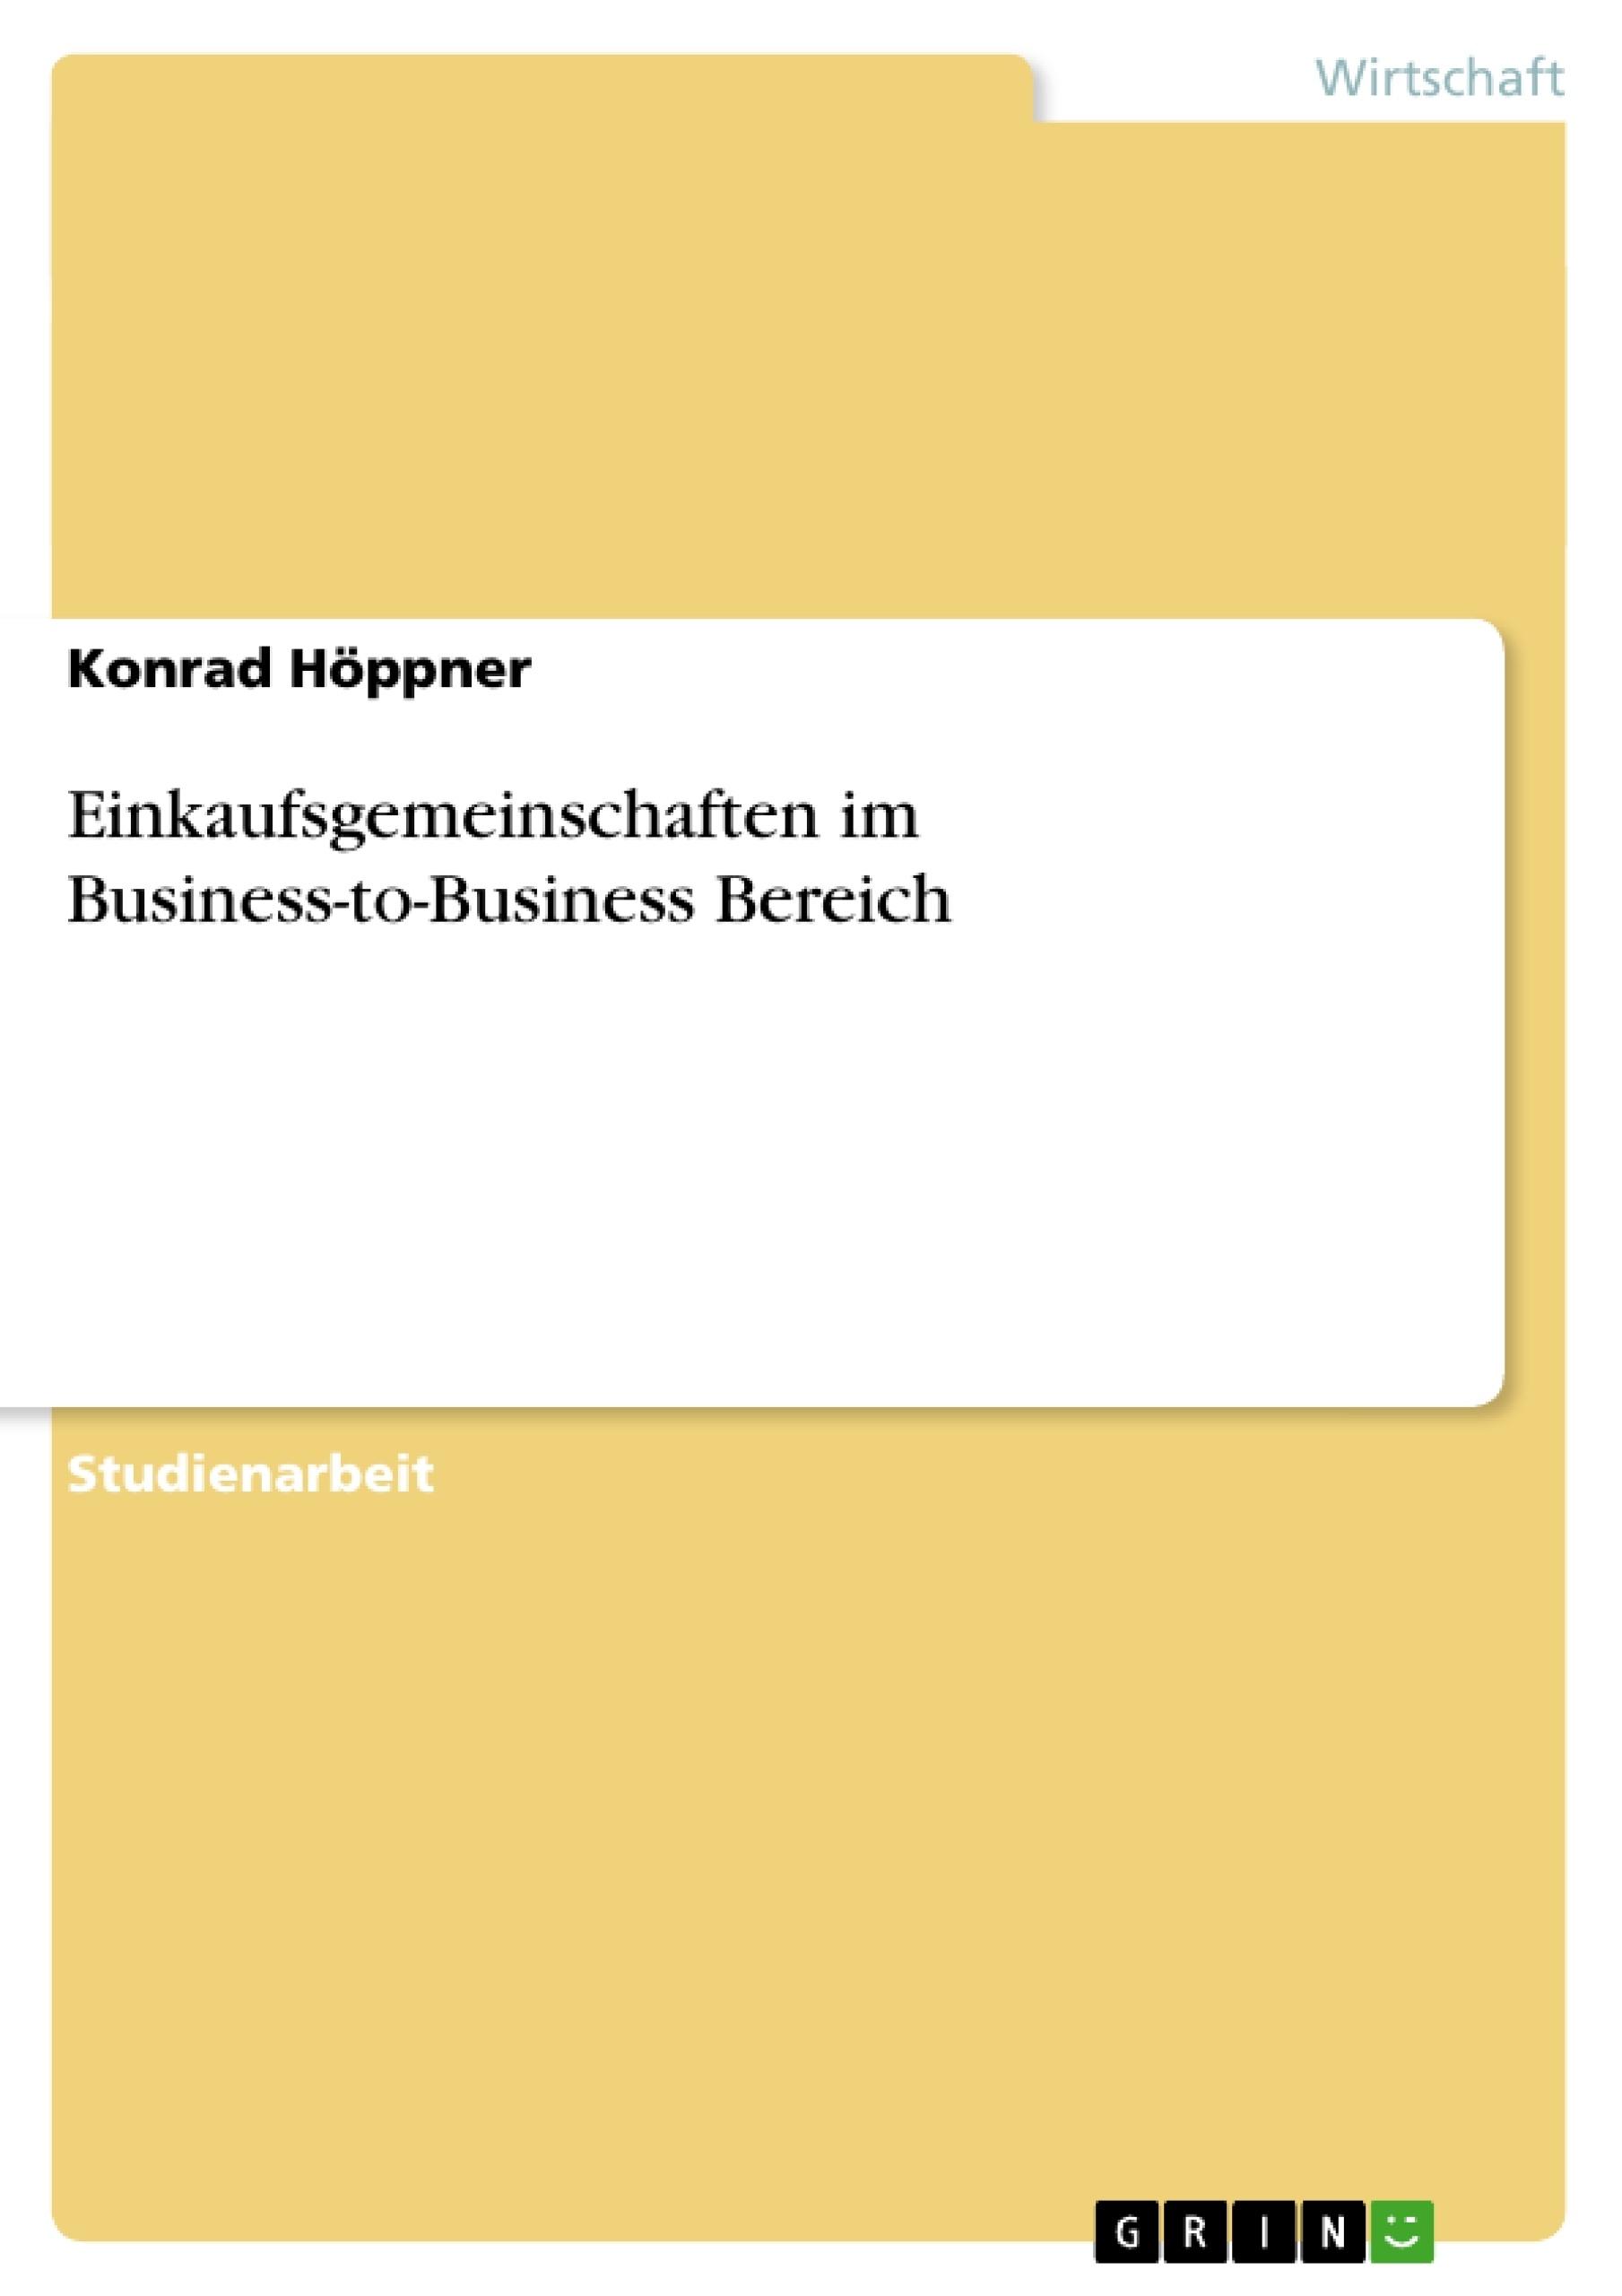 Titel: Einkaufsgemeinschaften im Business-to-Business Bereich